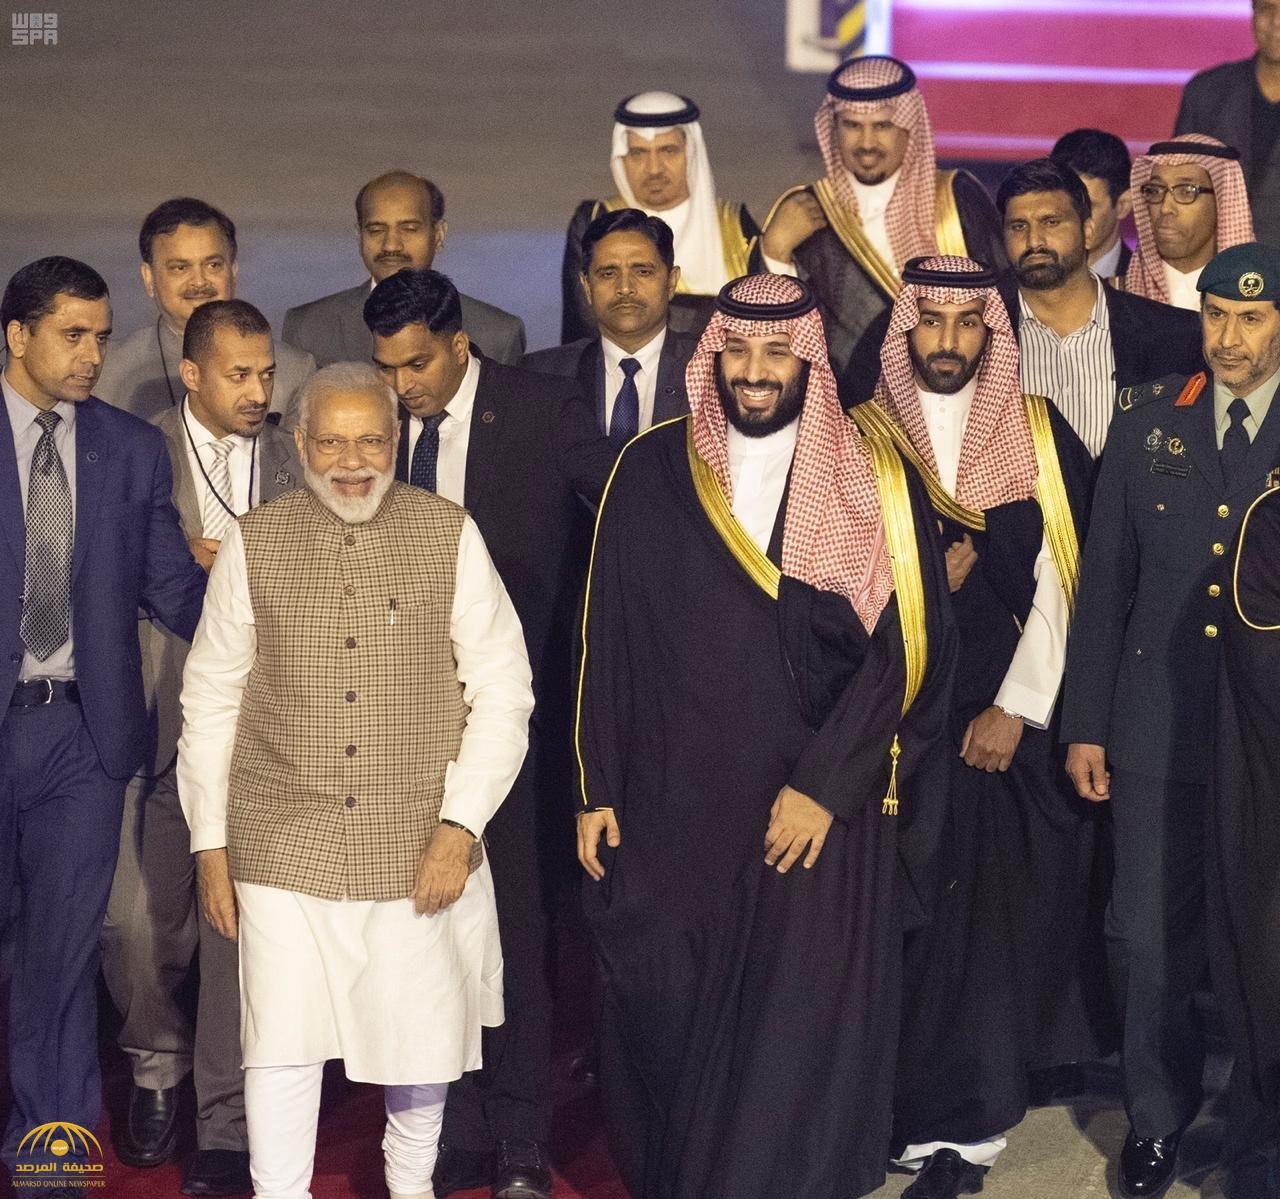 ولي العهد في الهند.. تعرَّف على أهمية الزيارة لسادس بلد نووية في العالم والعضو بمجموعة العشرين